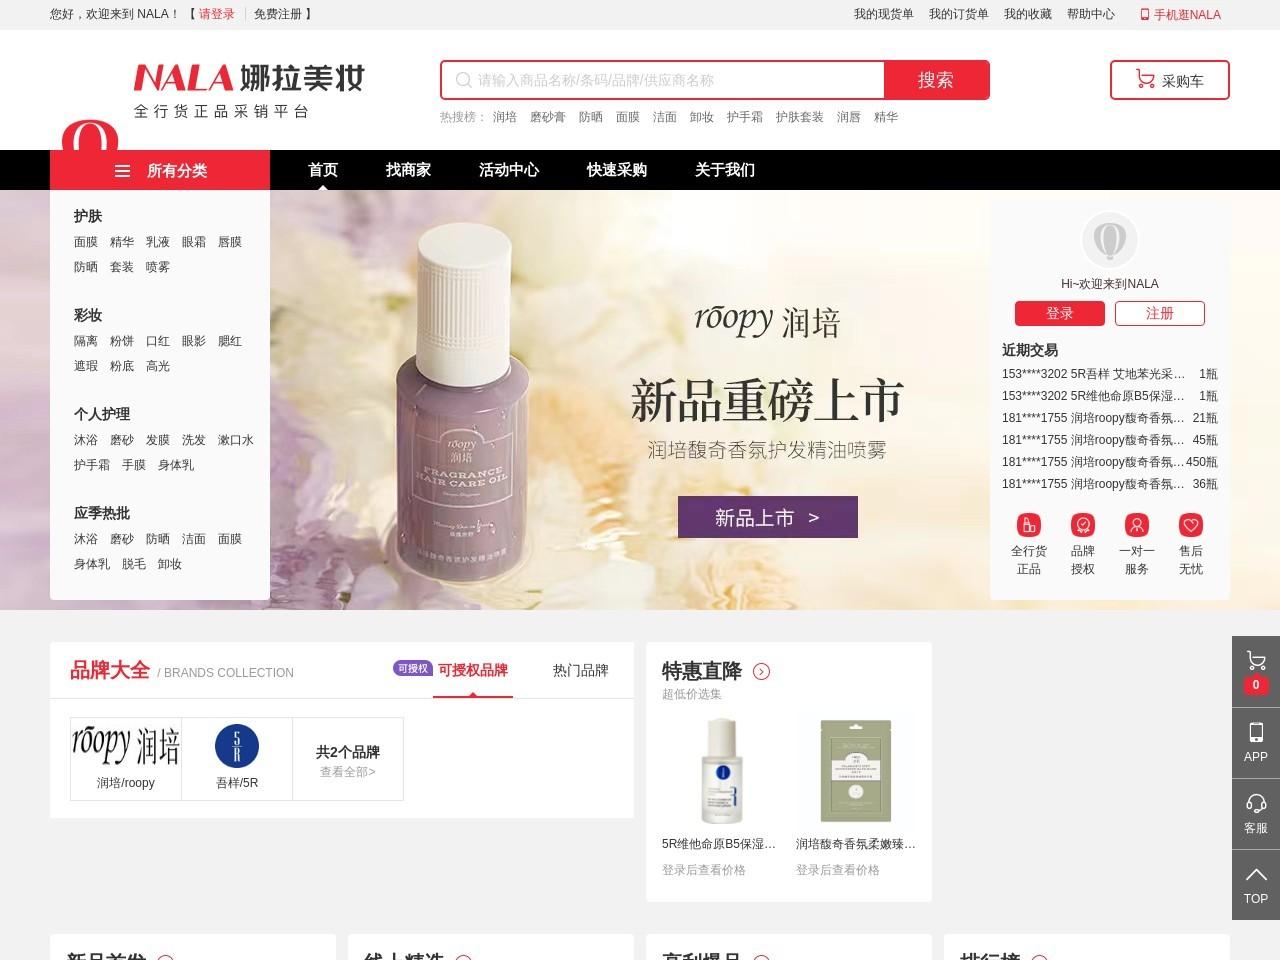 娜拉美妆采销NALA的网站截图